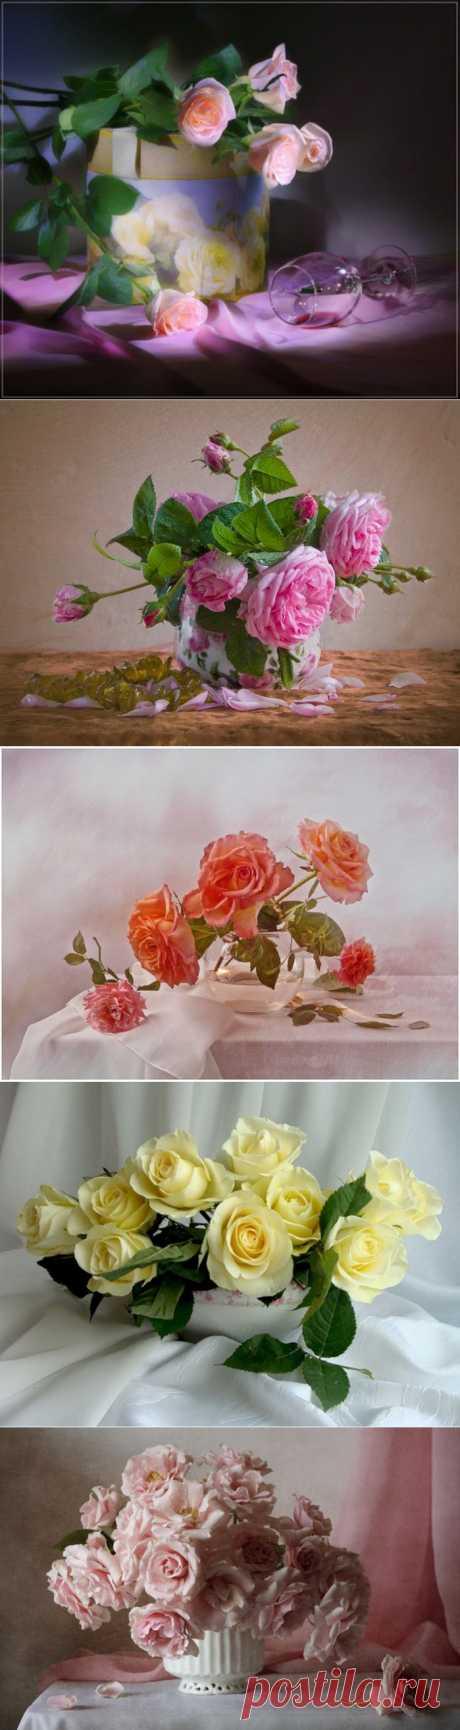 Натюрморты Шикарные розы